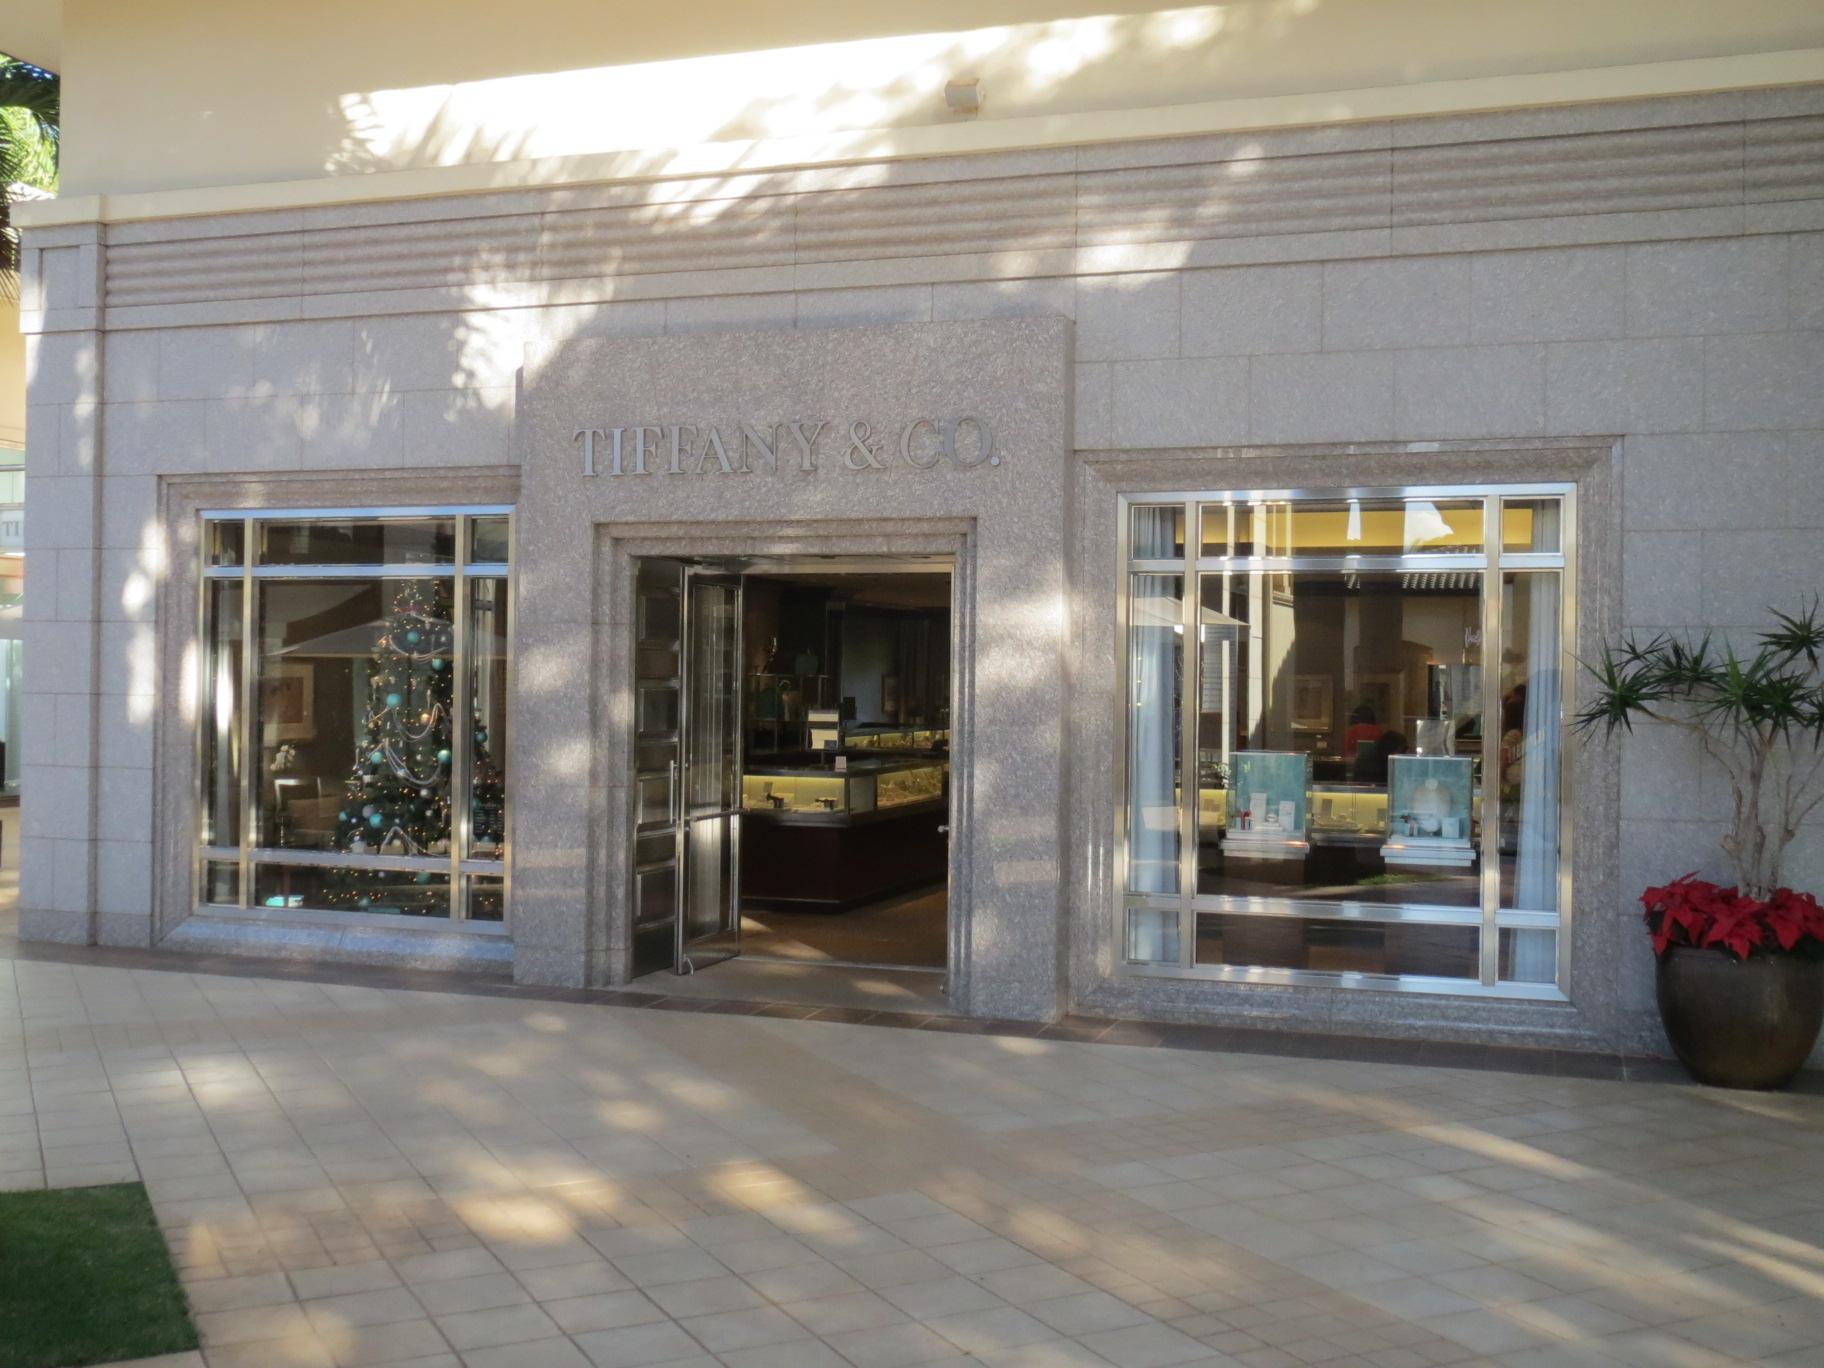 Tiffany & Co. image 0